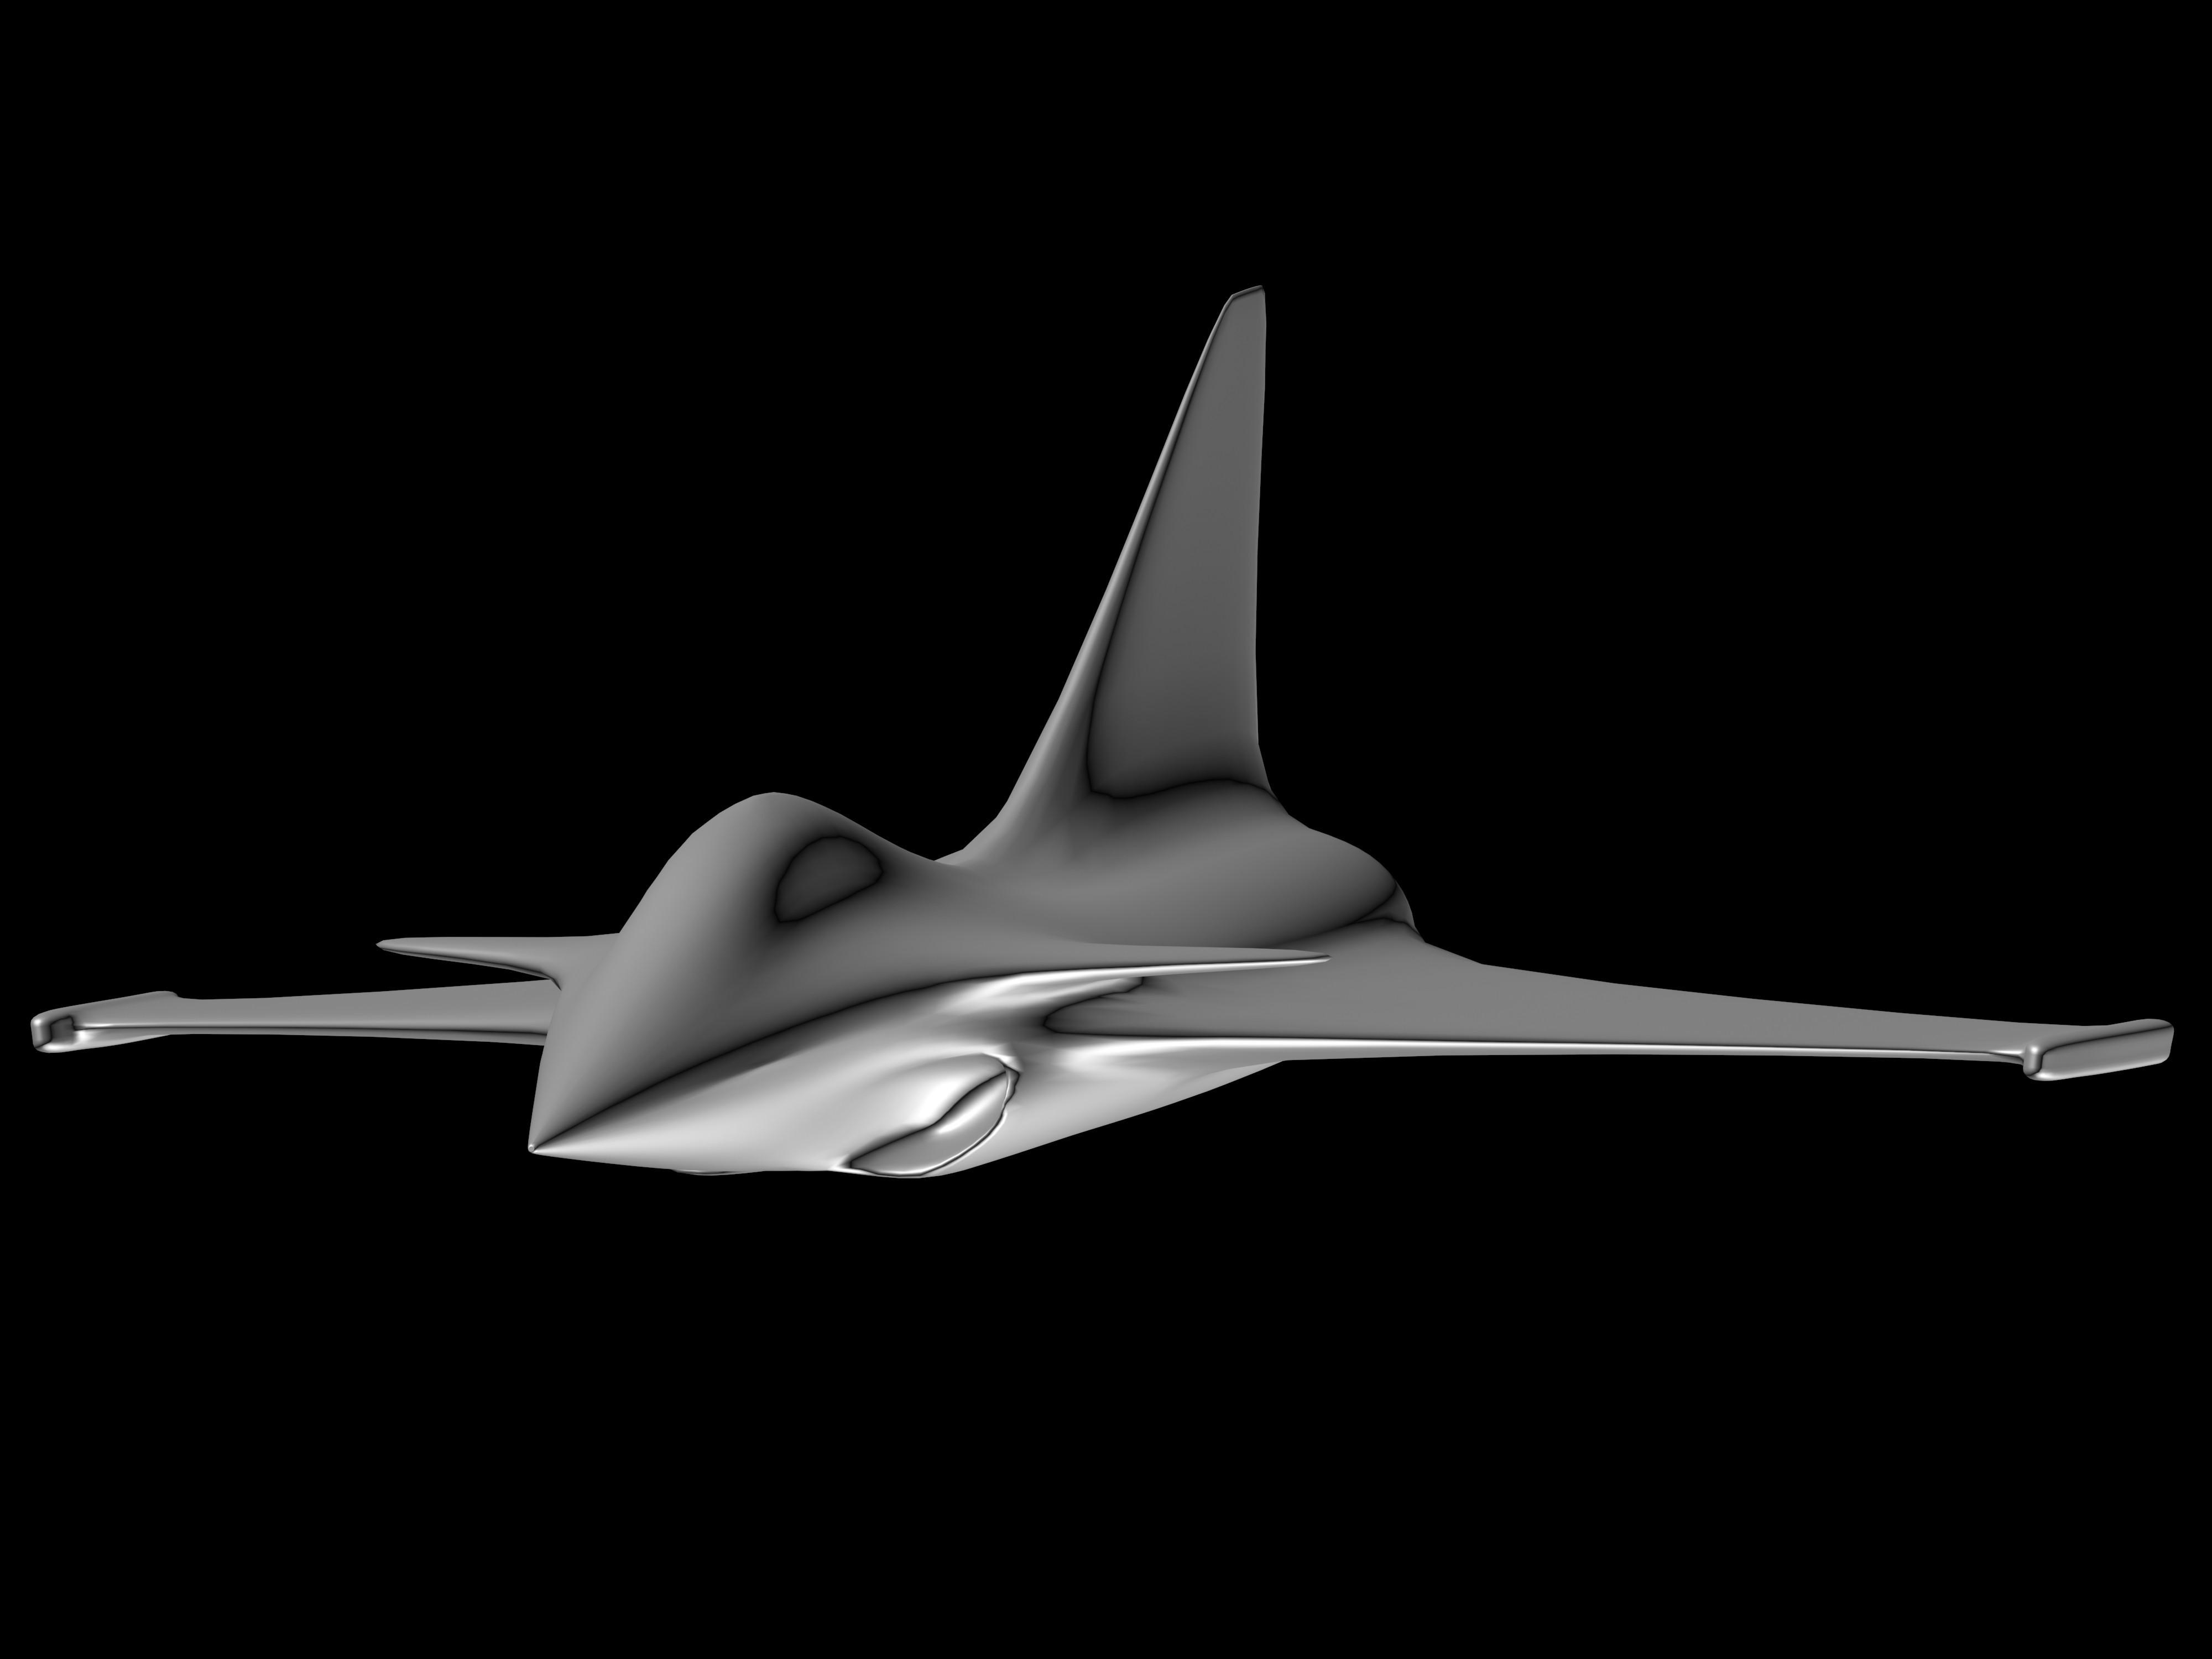 Rafale.jpg Download free STL file Rafale Aircraft • 3D printer template, Benjamin_P